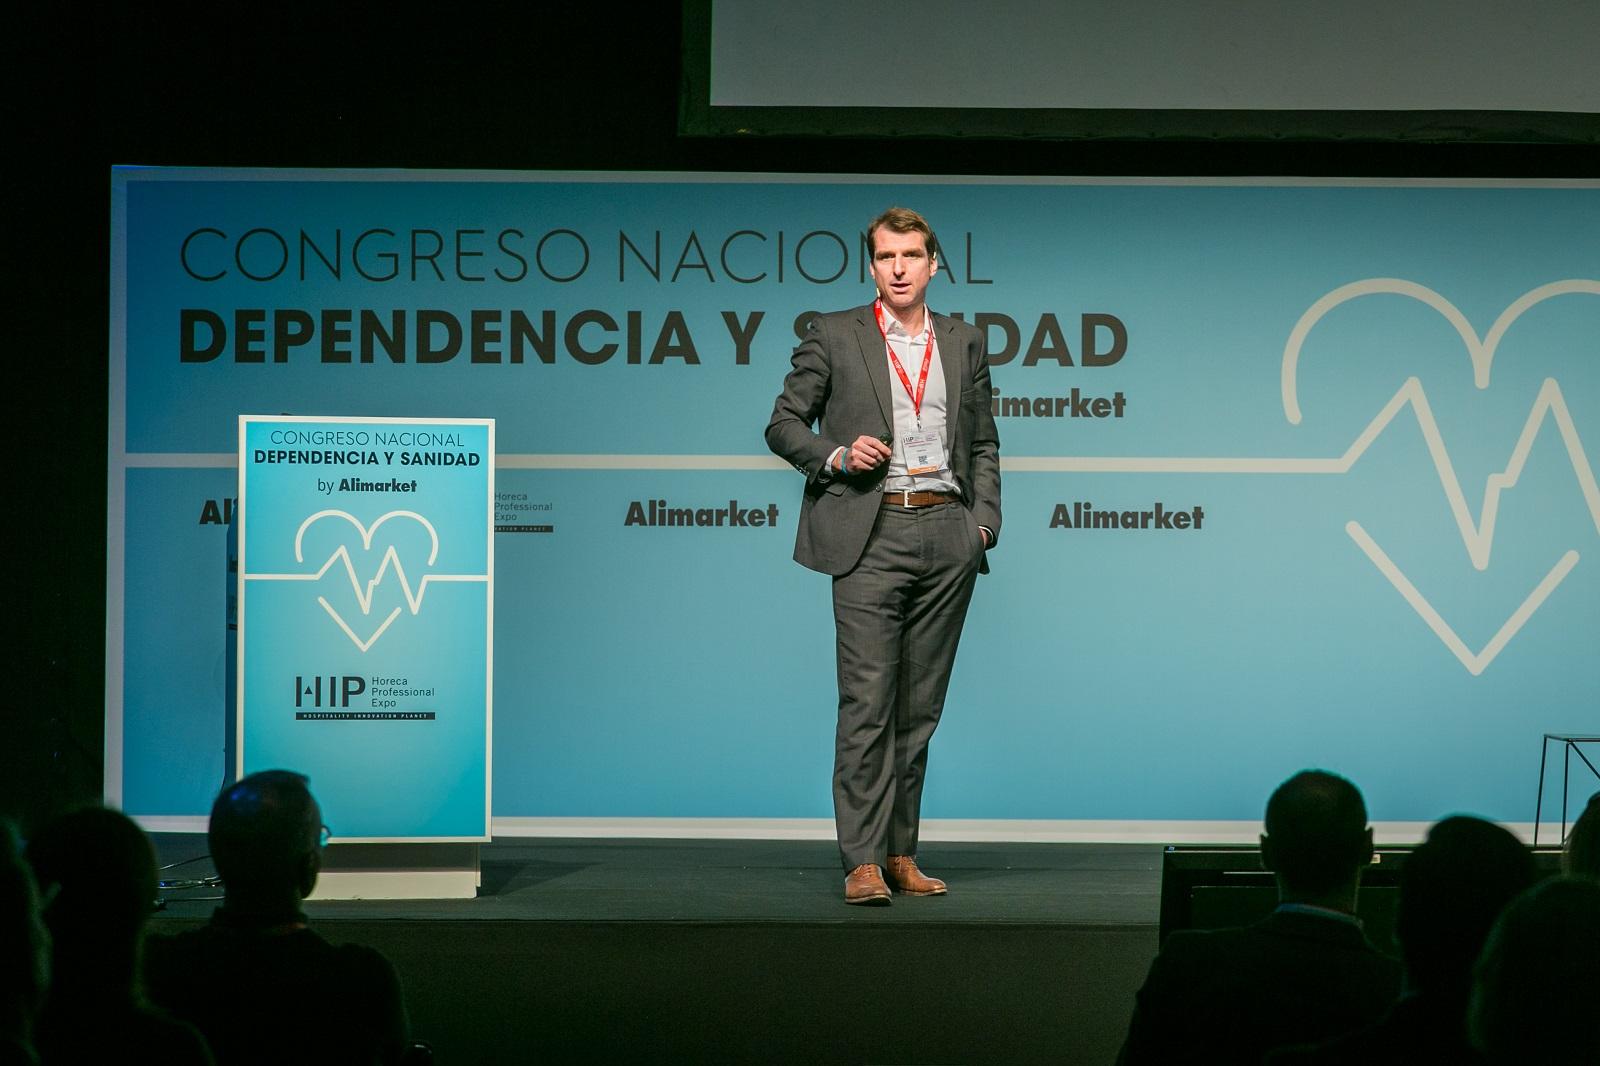 Congreso HIP Dependencia Andreu Huguet